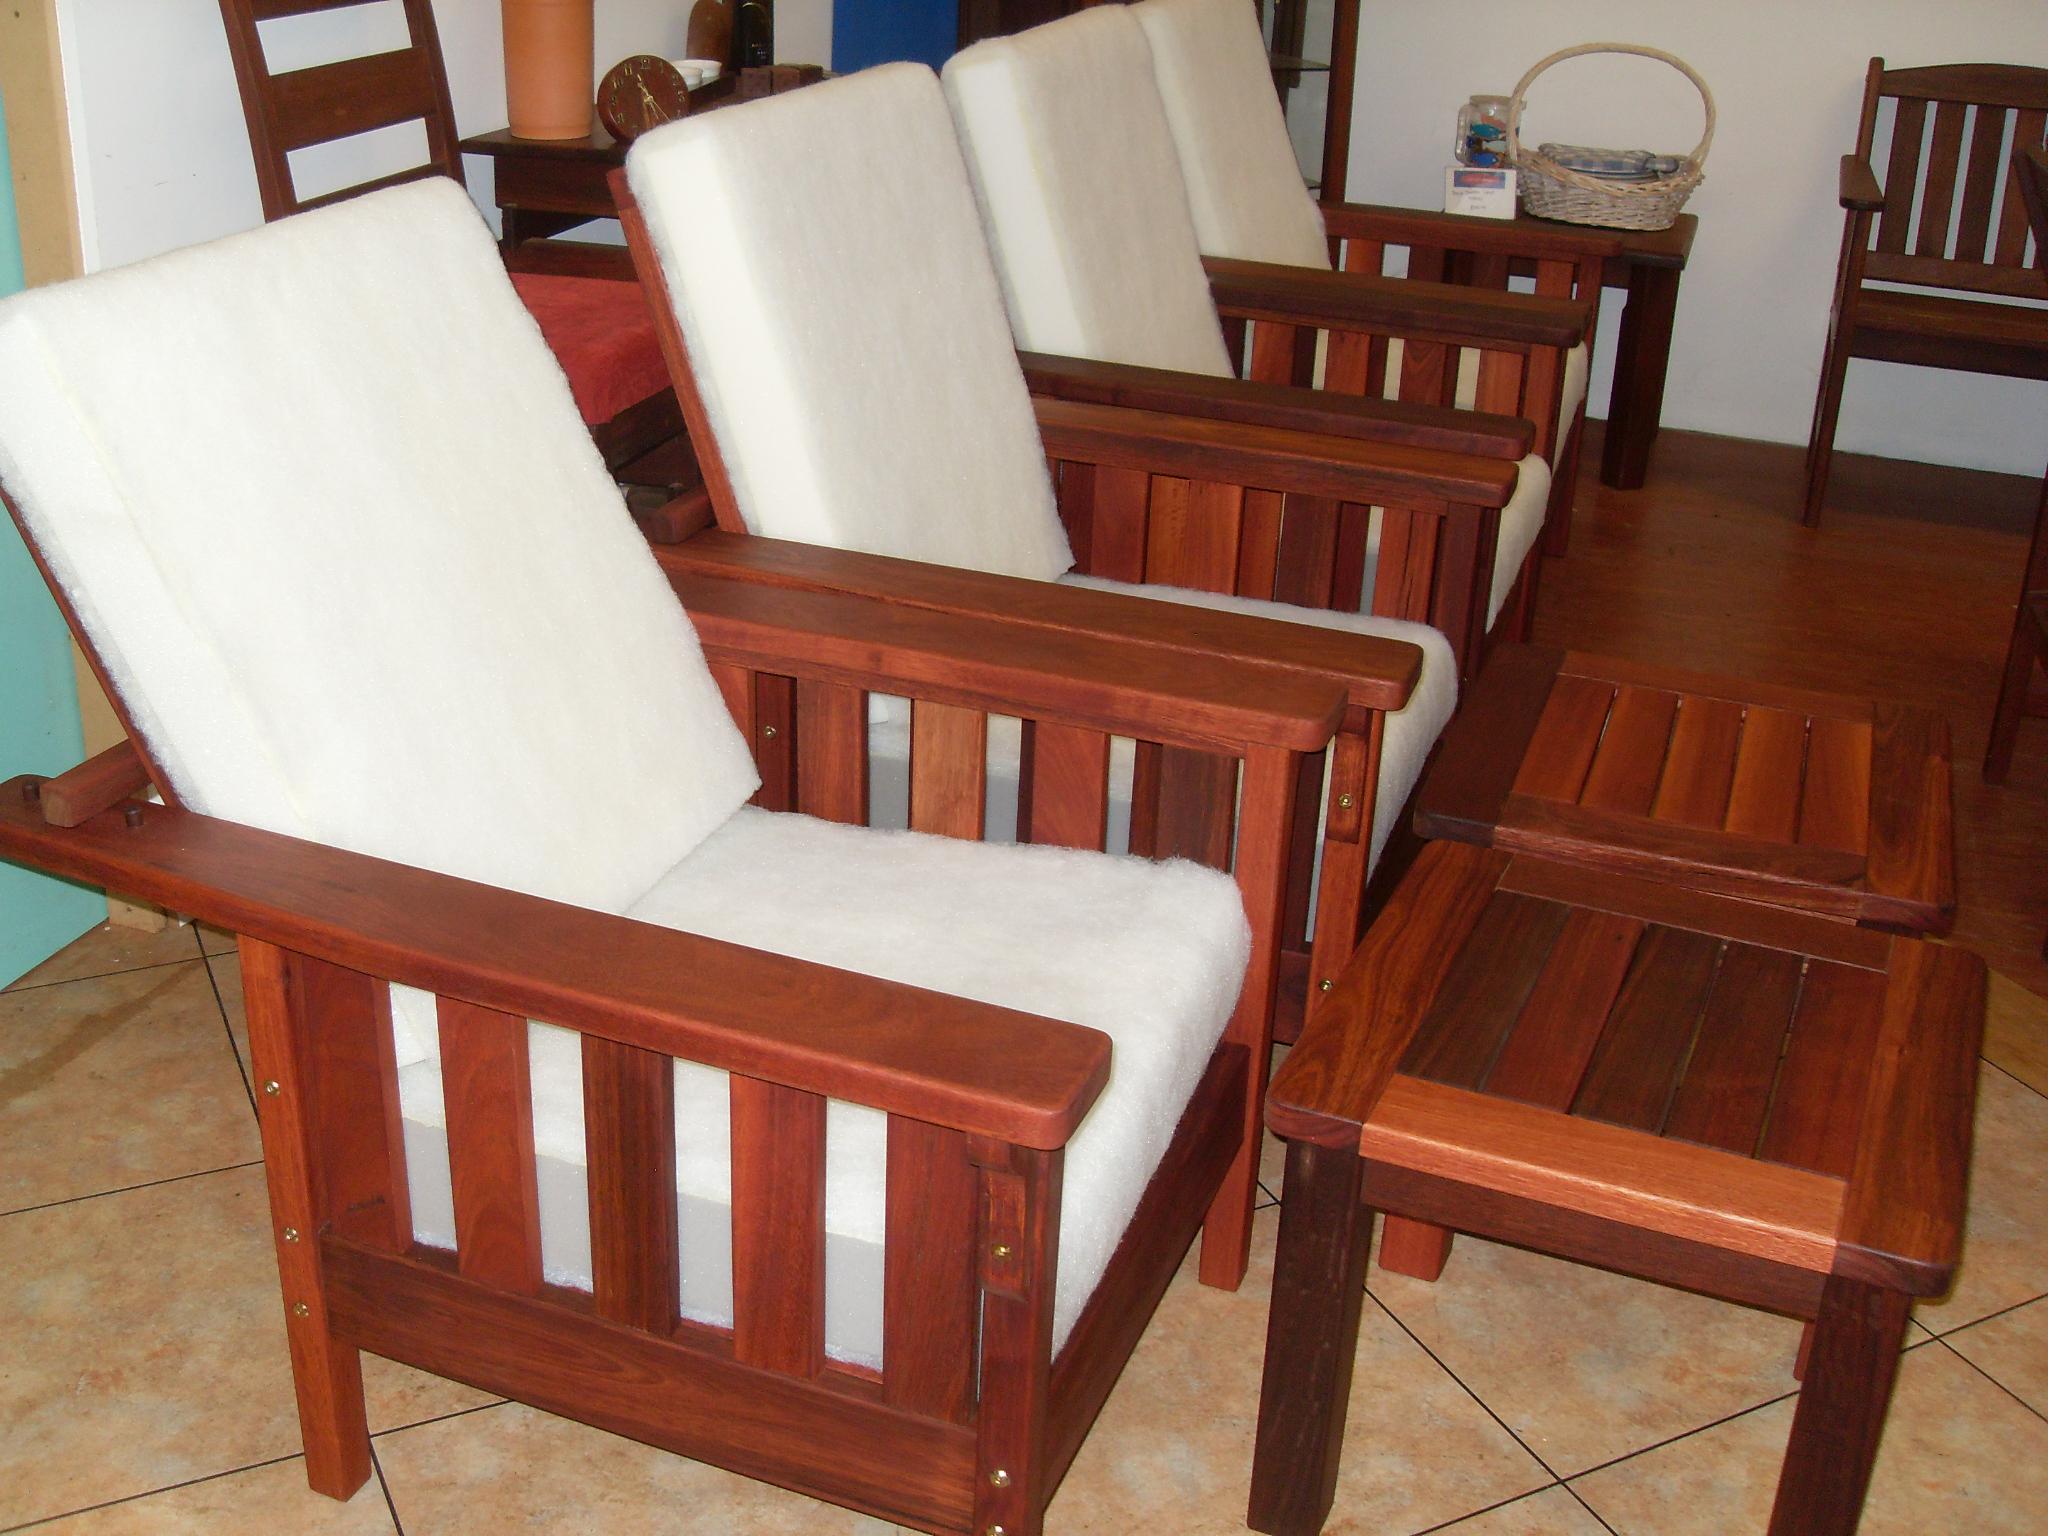 q15-Morris chairs 1.JPG